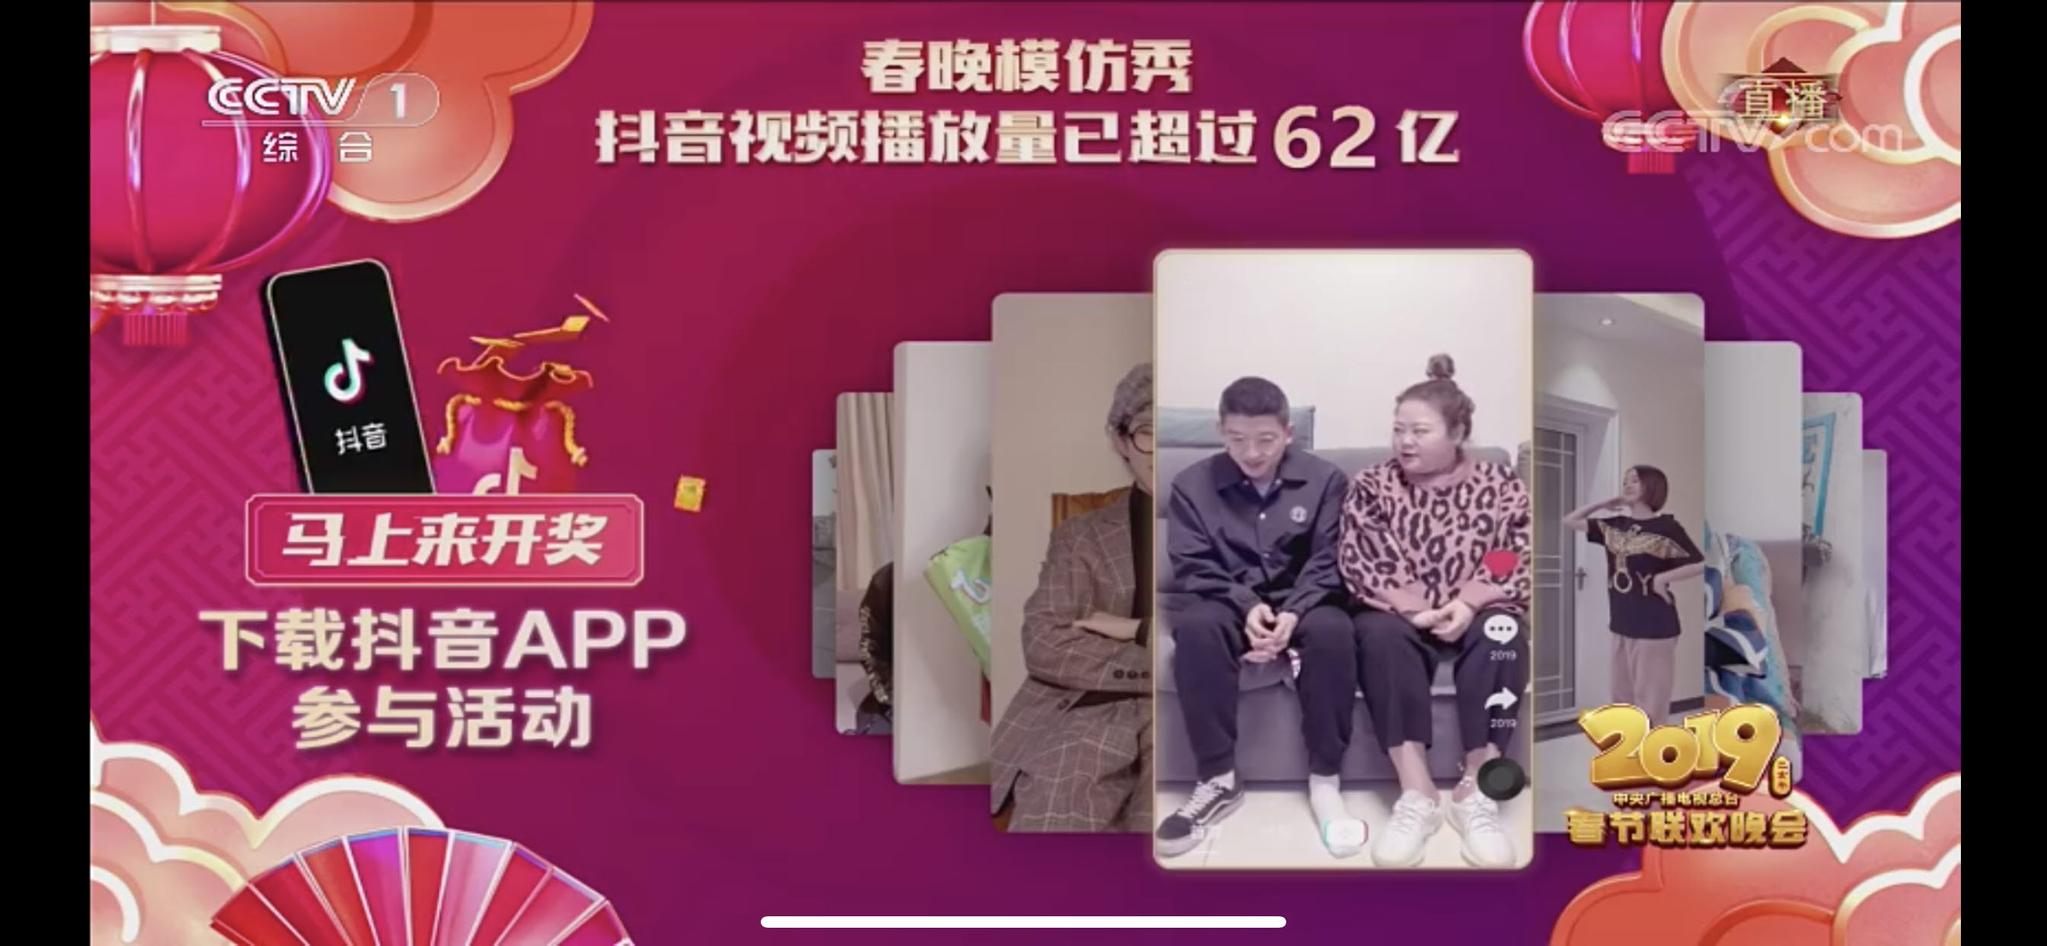 중국의 쇼트 영상 플랫폼 틱톡(?音·더우인)이 2019 춘완 방송 시작 두 시간 만에 새로 올라온 UCC(사용자 제작 콘텐트)가 62억 건을 기록했다고 발표한 화면. [CC-TV 캡처]